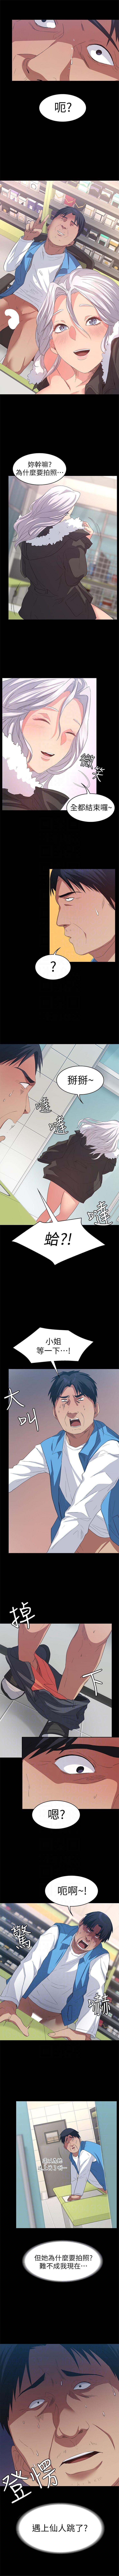 (周2)退货女友 1-23 中文翻译(更新中) 42